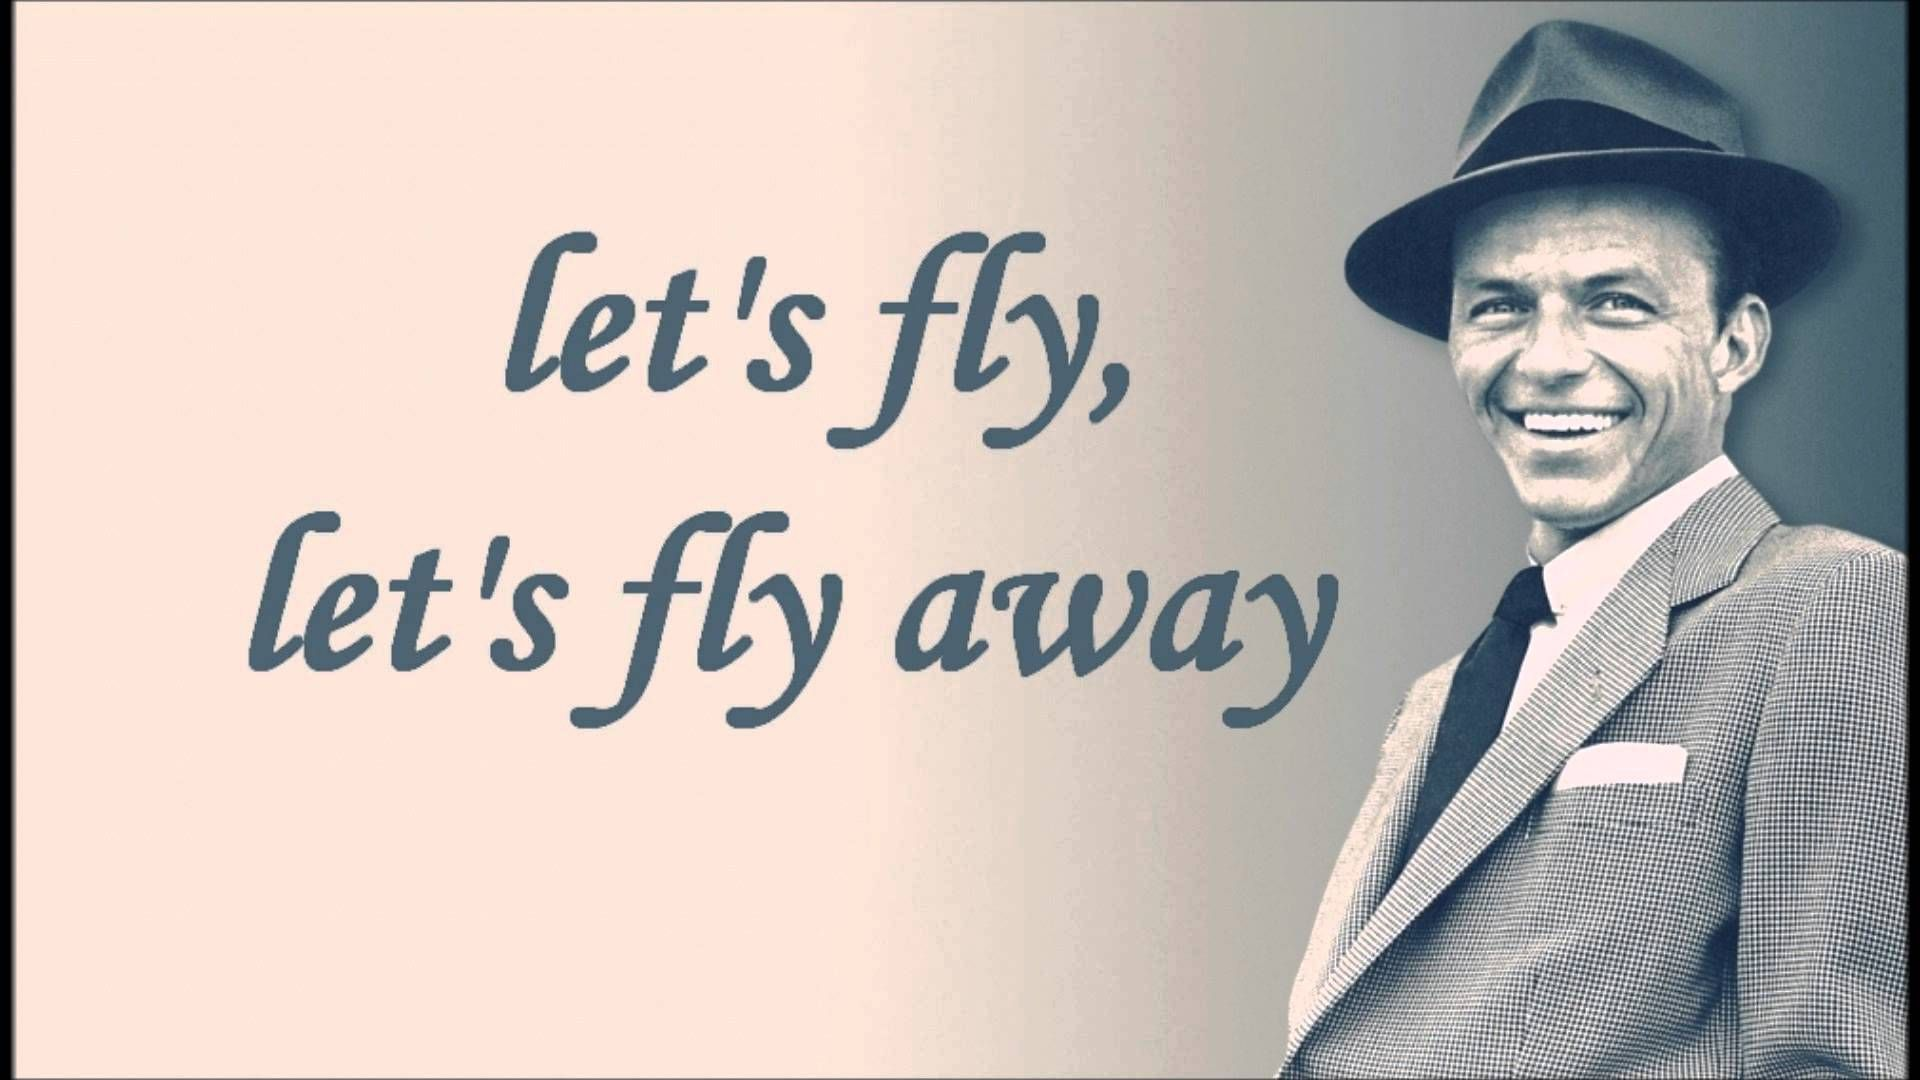 Frank Sinatra Come Fly With Me Lyrics Frank Sinatra Sinatra